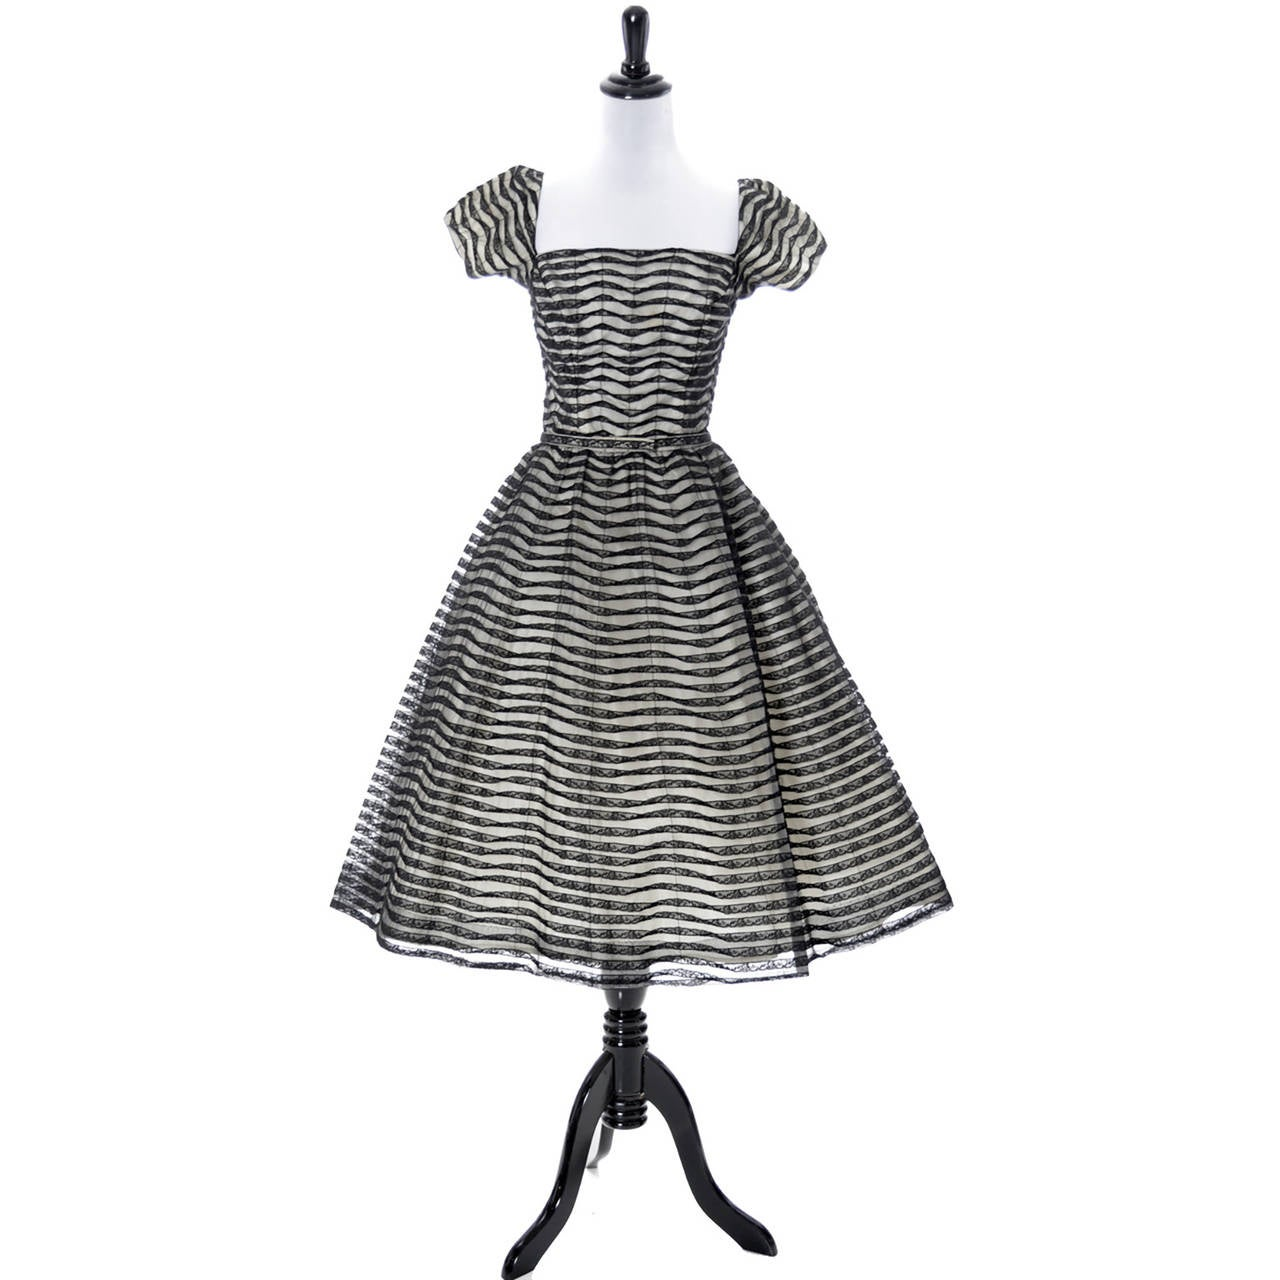 Ceil Chapman 1950s Vintage Dress Lace 50s Party Full Skirt 1950s  4